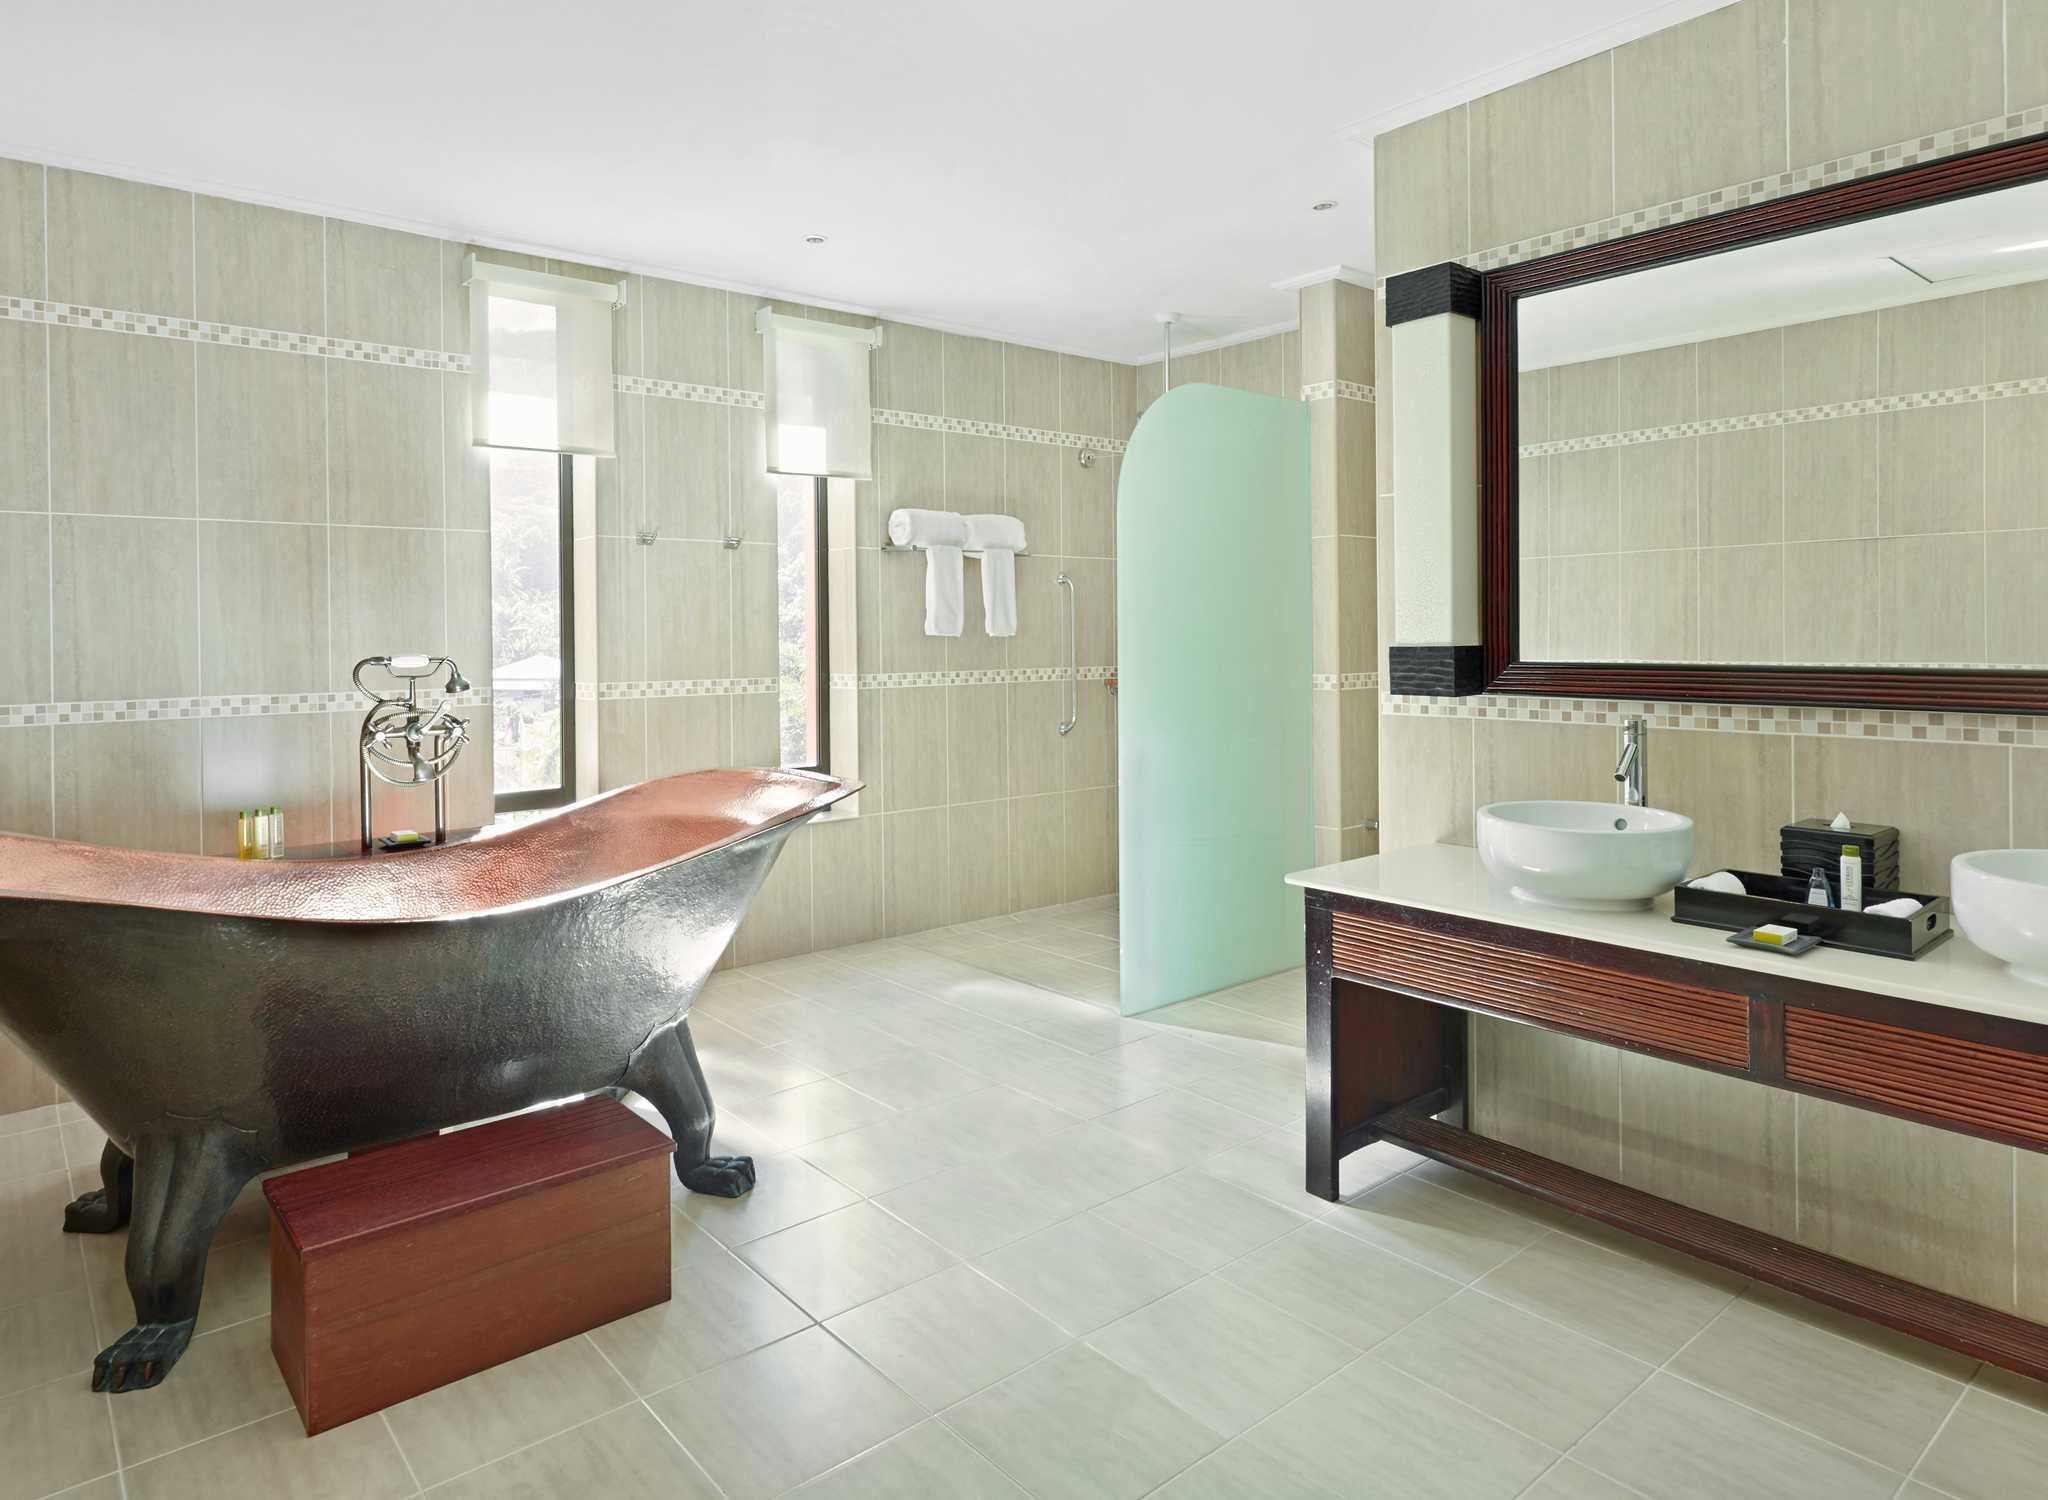 Hôtel doubletree seychelles allamanda